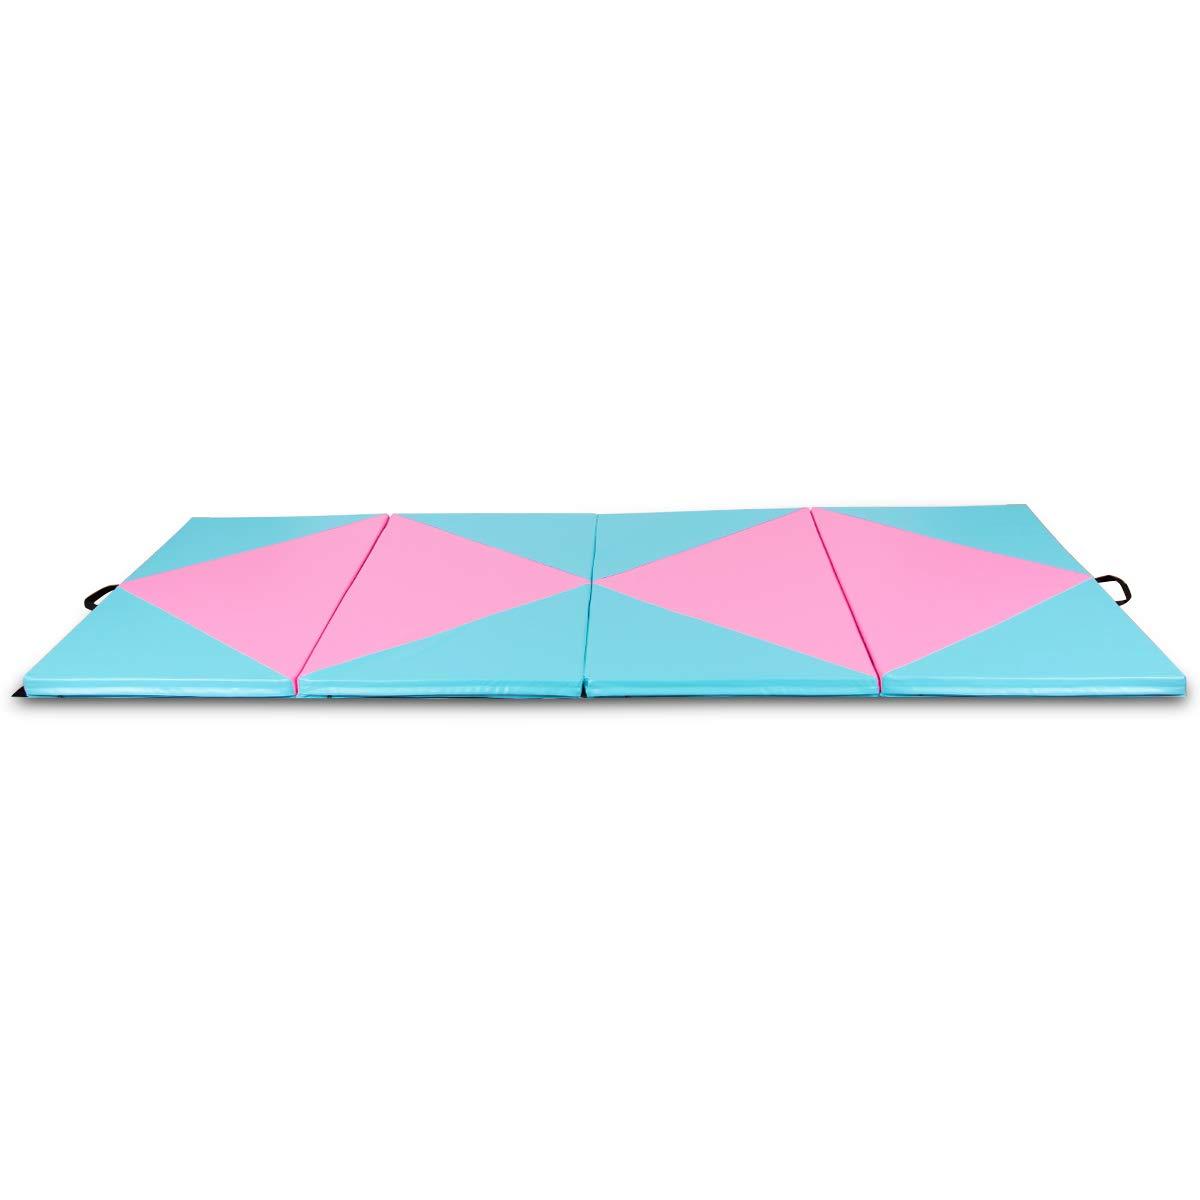 Gymax 体操マット 4フィートx10フィートx2 折りたたみ式厚手マット エクササイズ用ポータブルパネル フックとループファスナー付き エアロビクスヨガ 体操 ストレッチ コアワークアウトに最適 B07KC76SFL ブルー